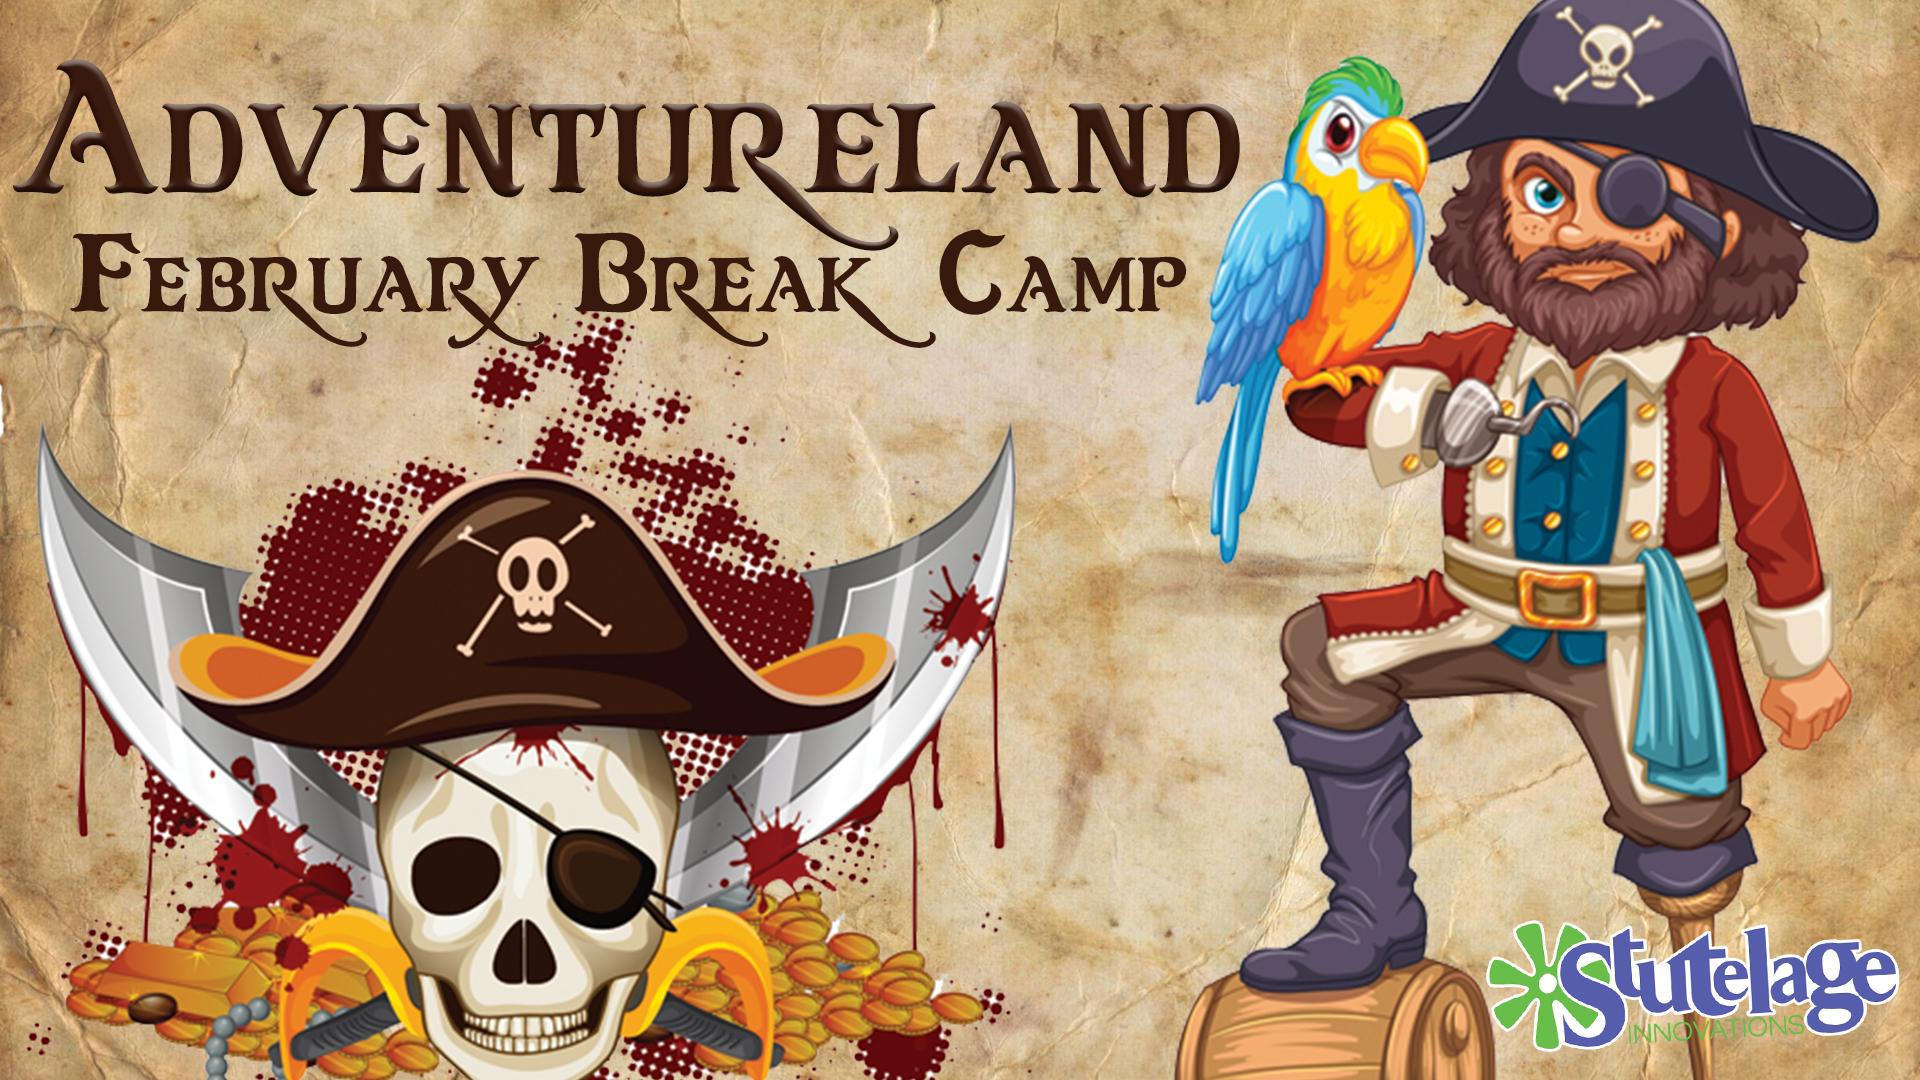 Adventureland Buffalo NY School Year Camps